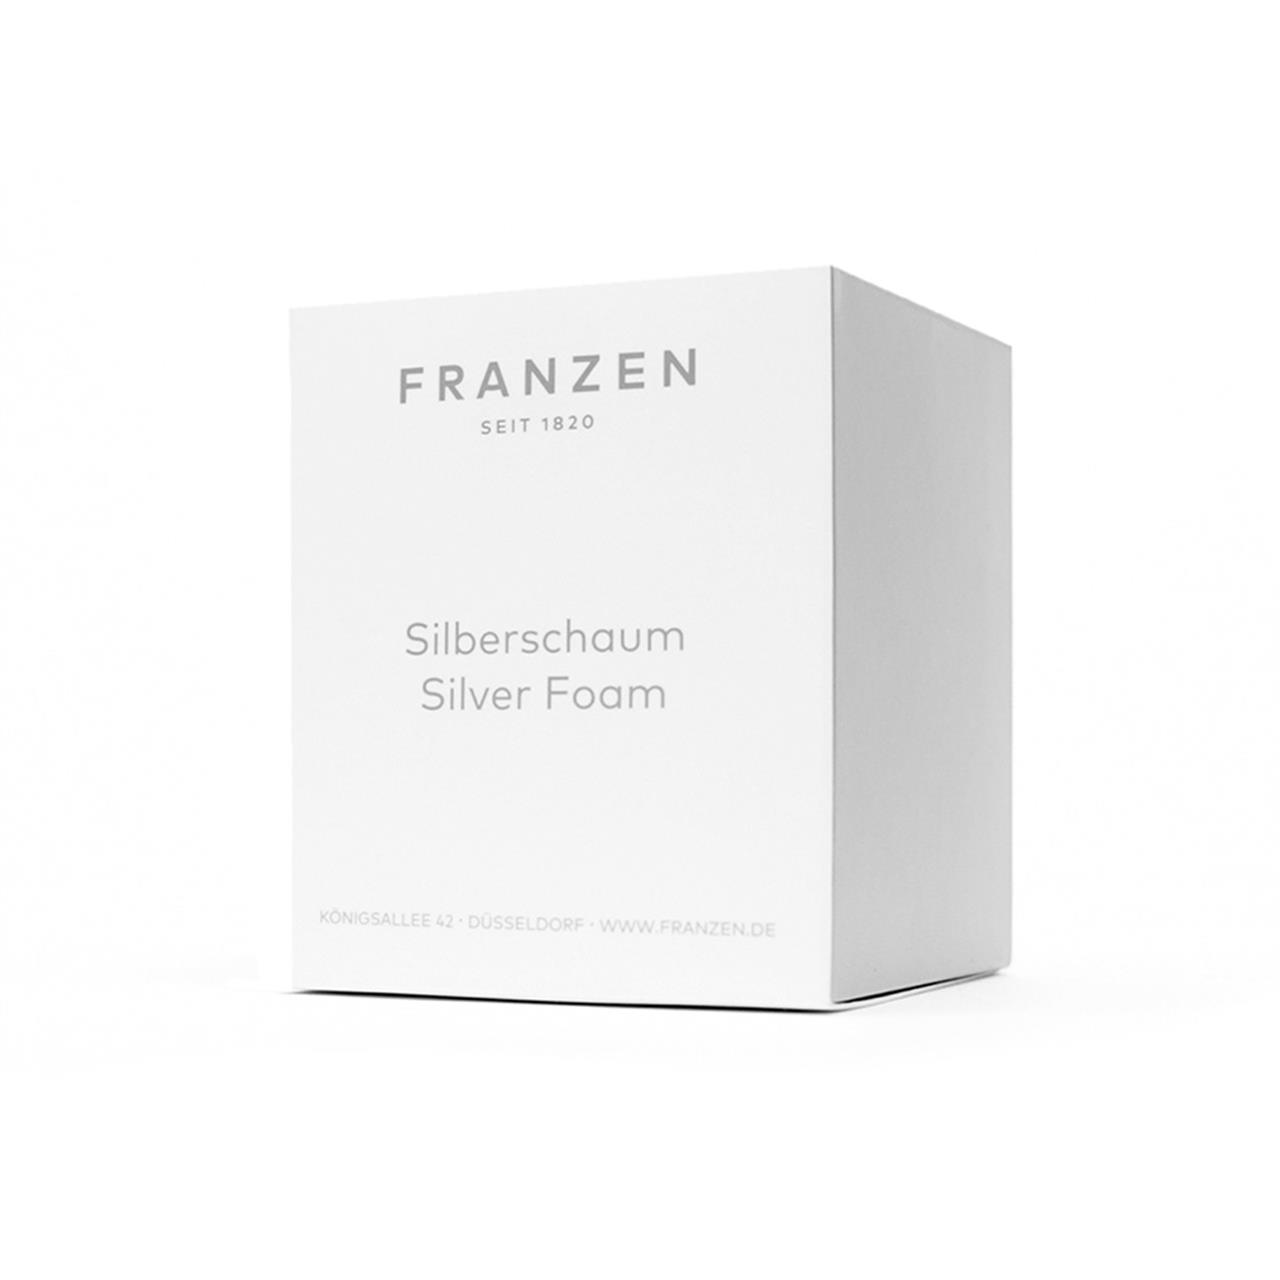 Pflege- und Reinigungsmittel: Silberschaum von Franzen